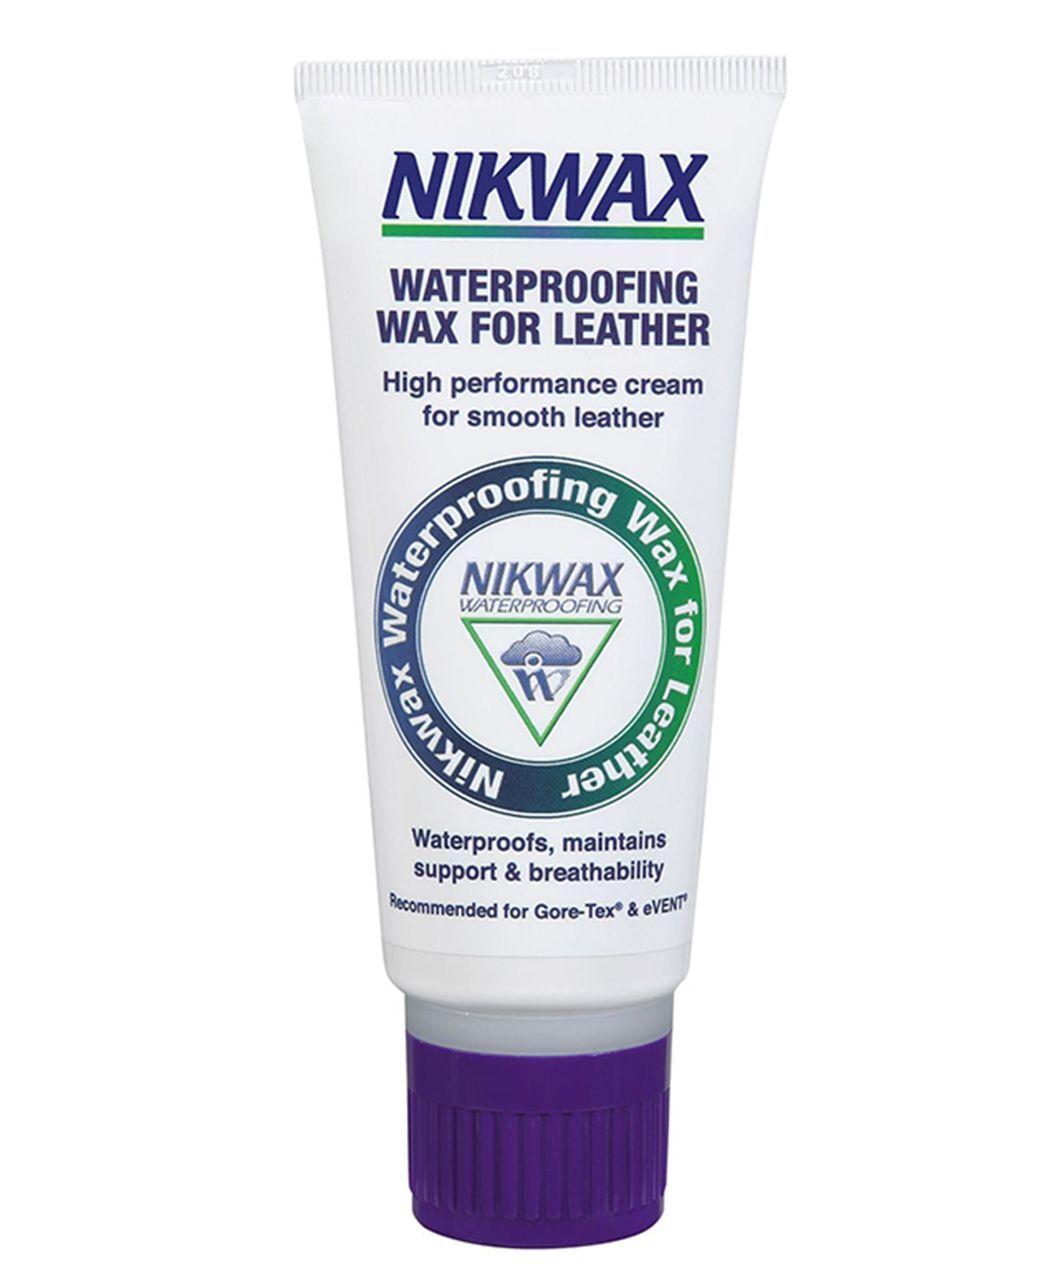 Nikwax Wax For Leather 100ML - Skopleie